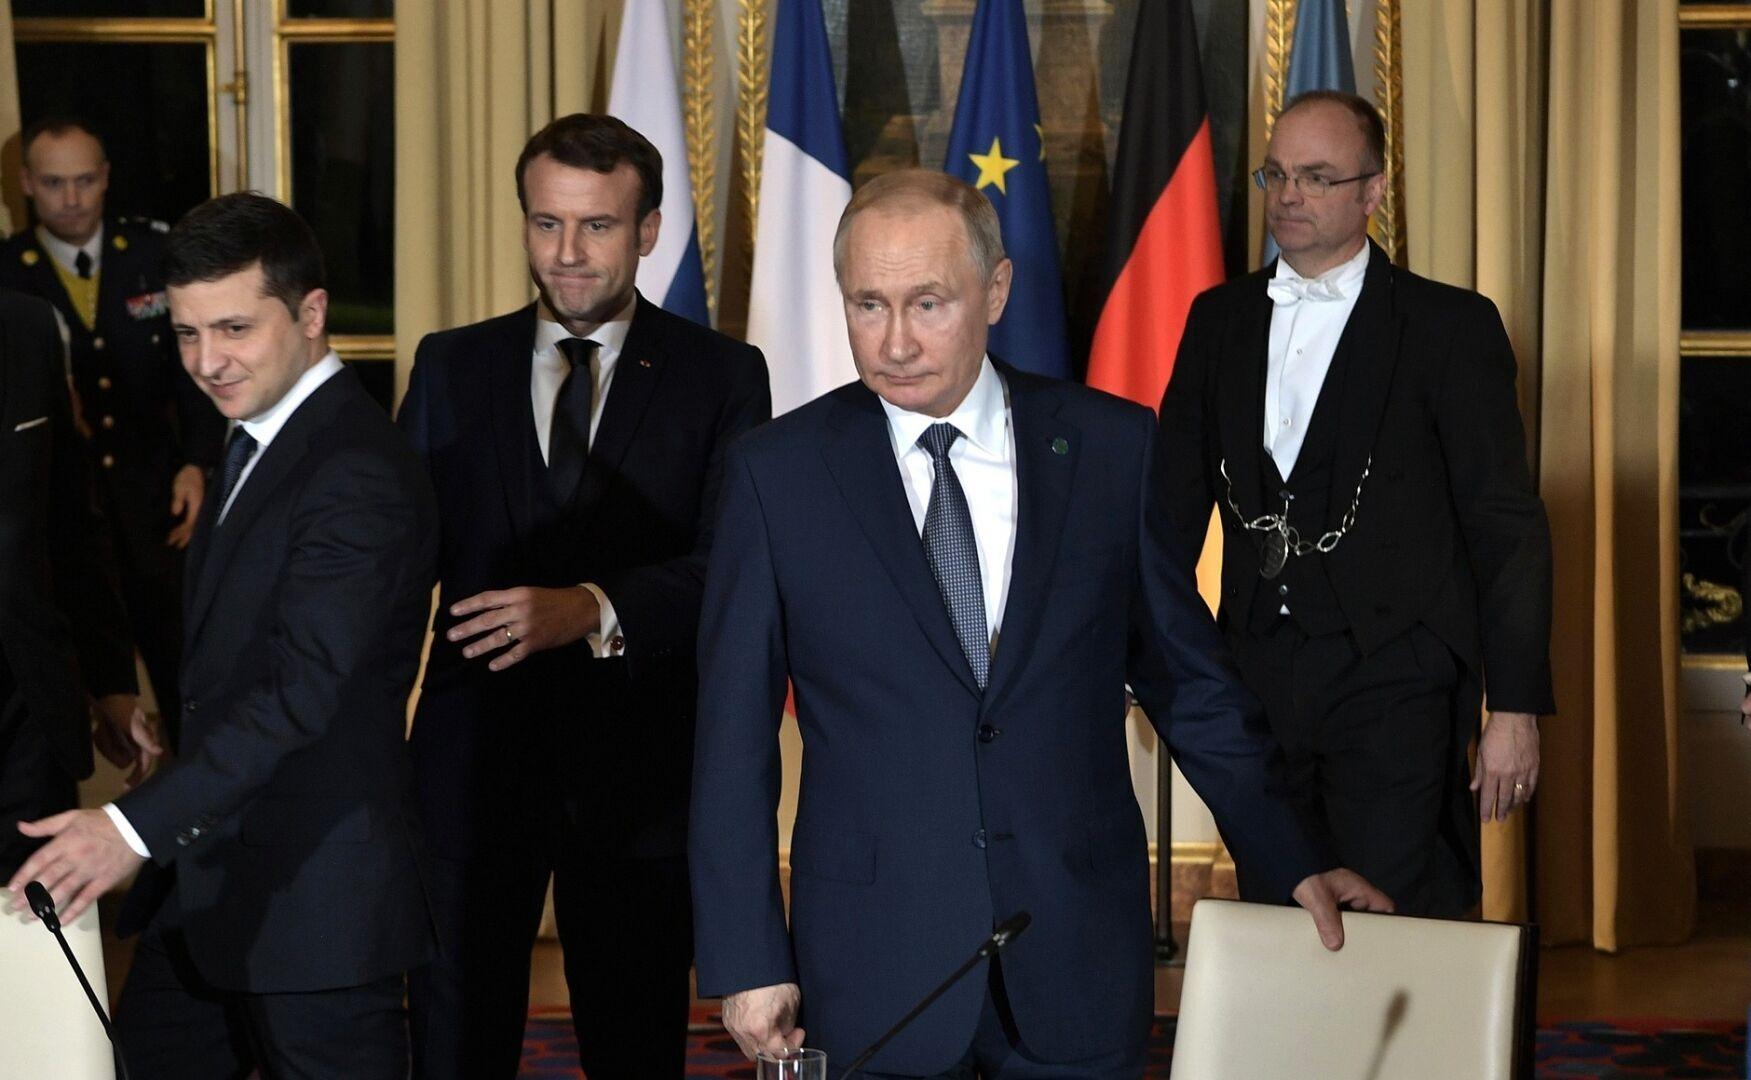 Остання зустріч у нормандському форматі пройшла в грудні 2019 року в Парижі